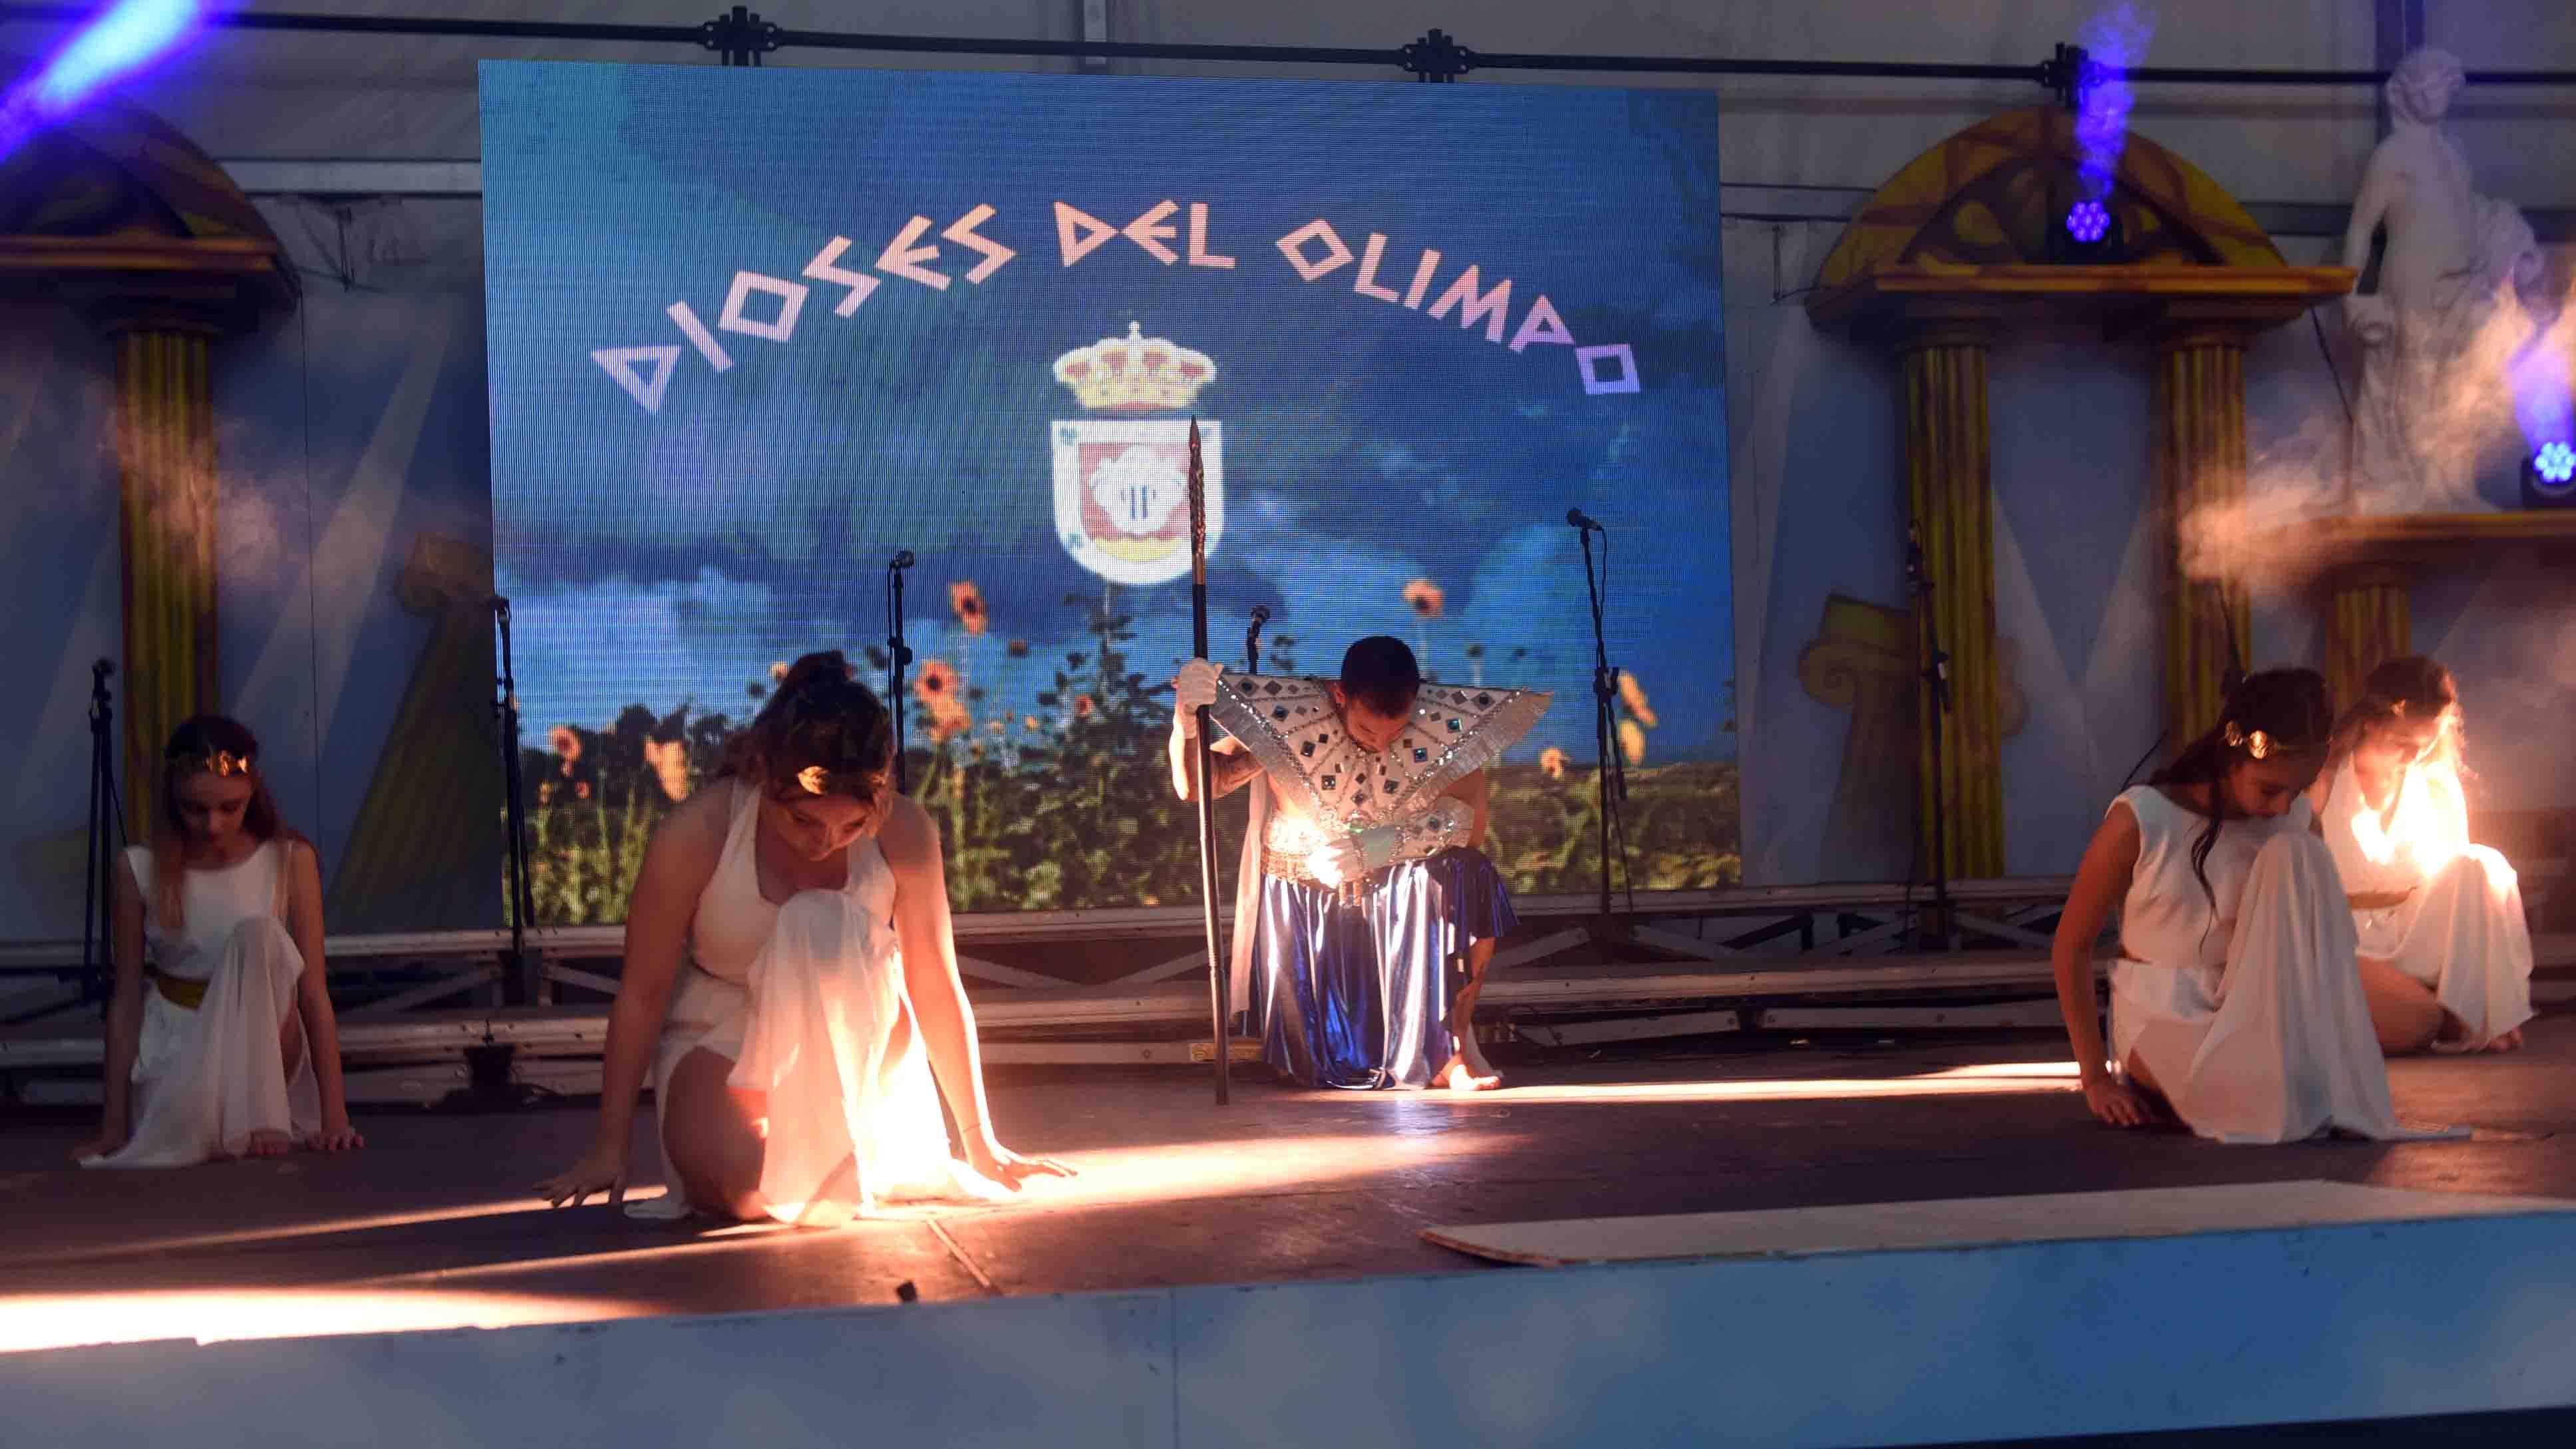 Arrancó el Carnaval Dioses del Olimpo de San Bartolomé con el acto de presentación de las Agrupaciones carnavaleras del municipio